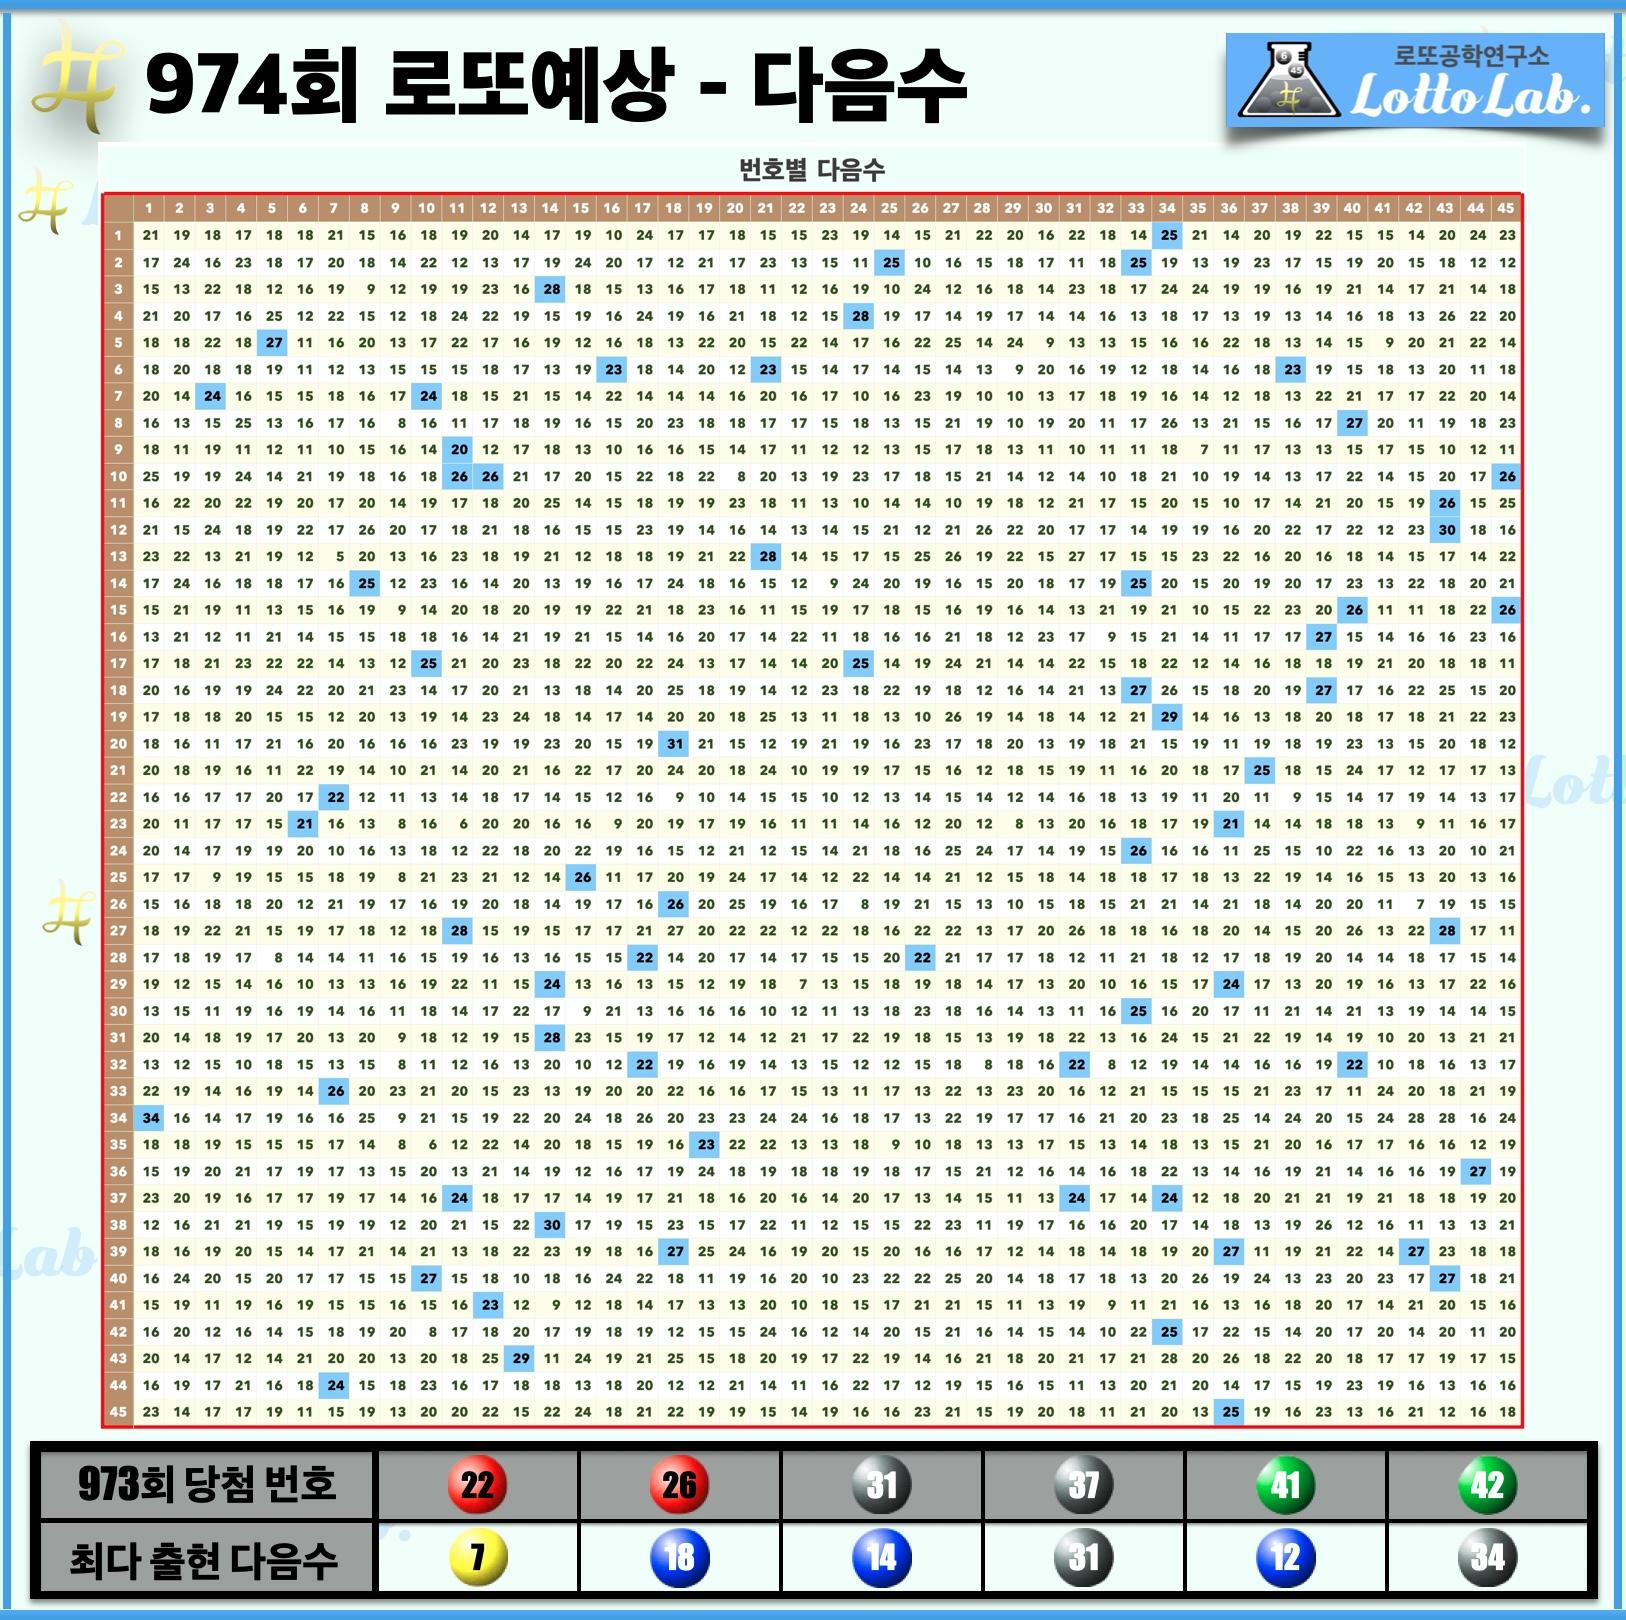 로또랩 로또974 당첨 번호 예상 - 다음수